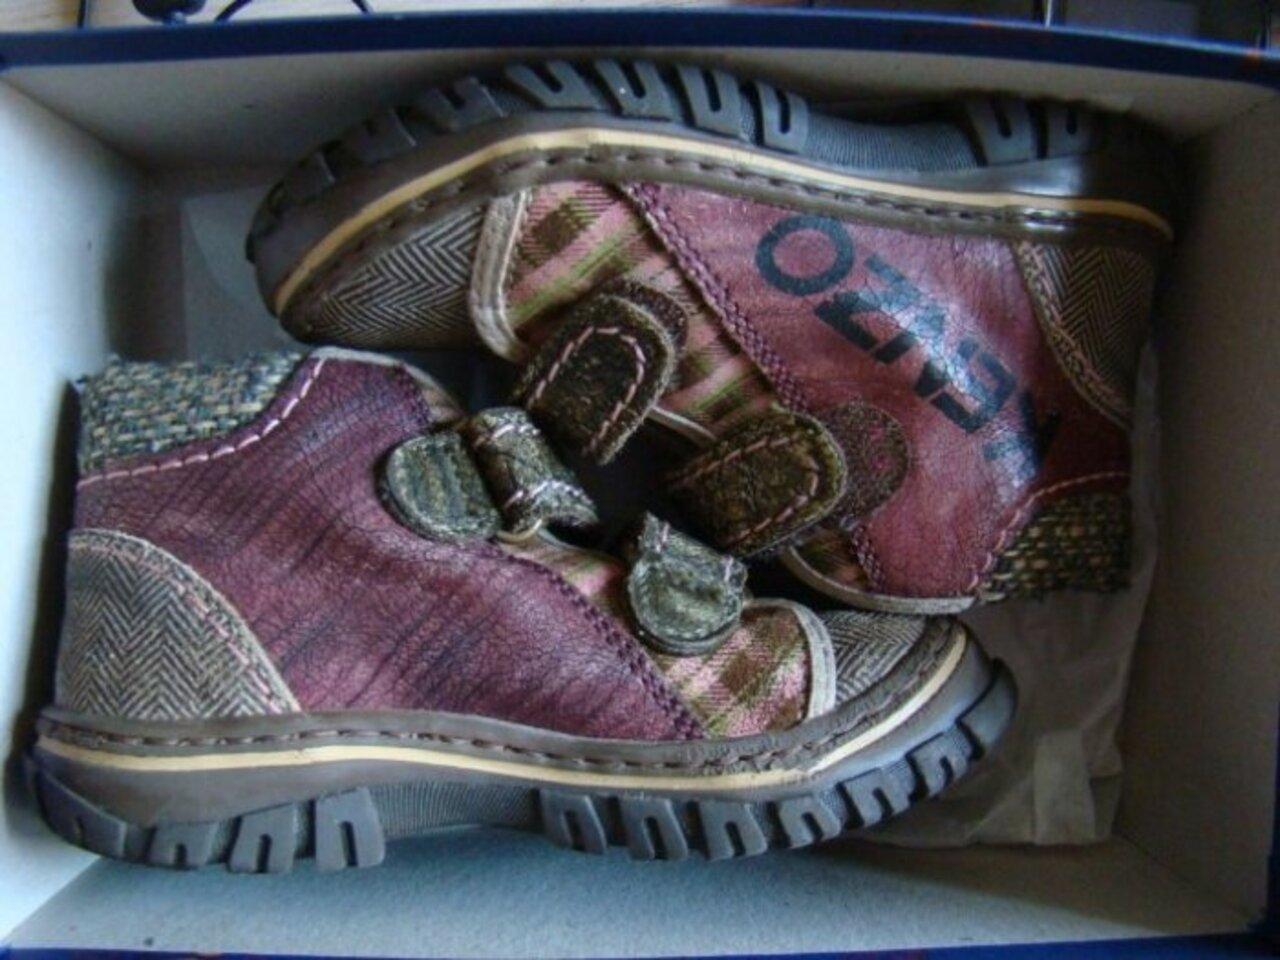 Kenzo ботинки цветные р.25 нат.кожа в коробке - 1600